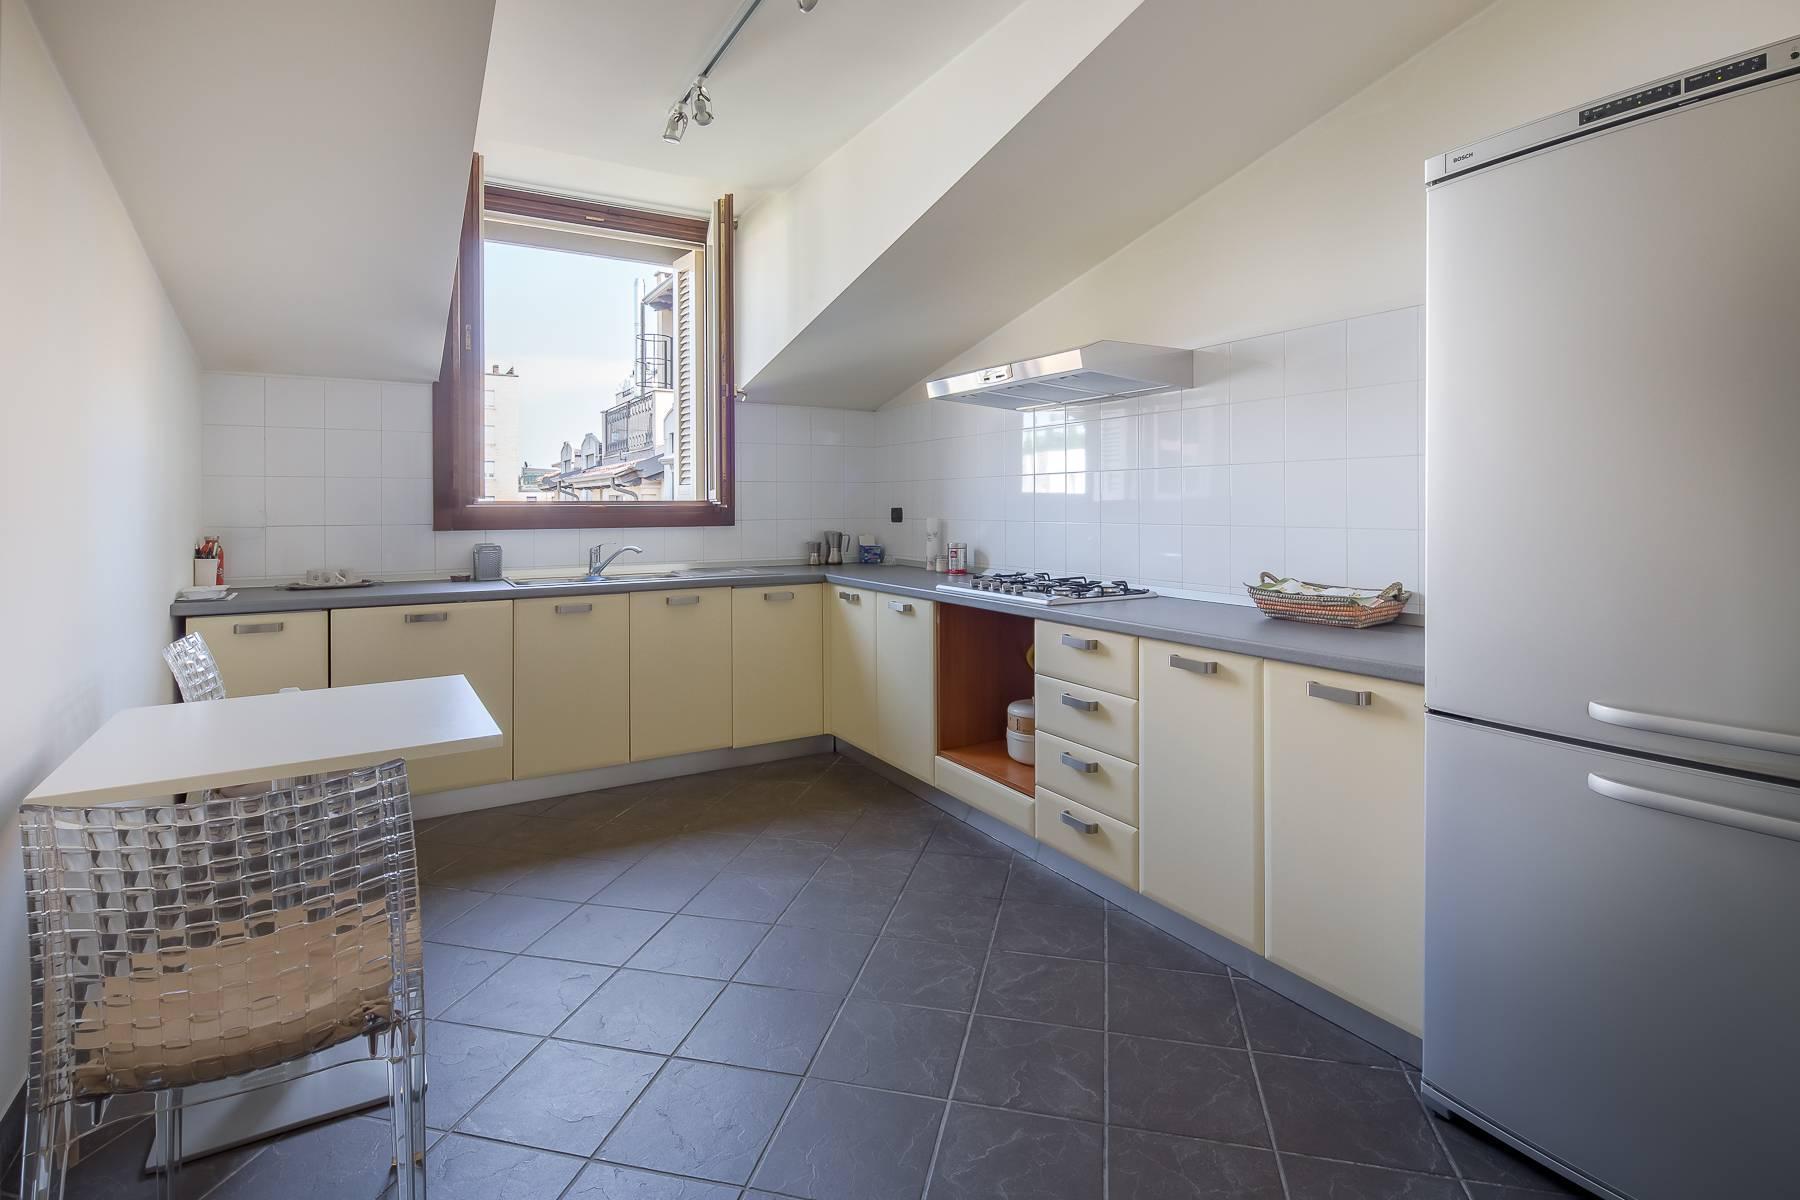 Grazioso appartamento mansardato con 4 camere in Magenta - 5